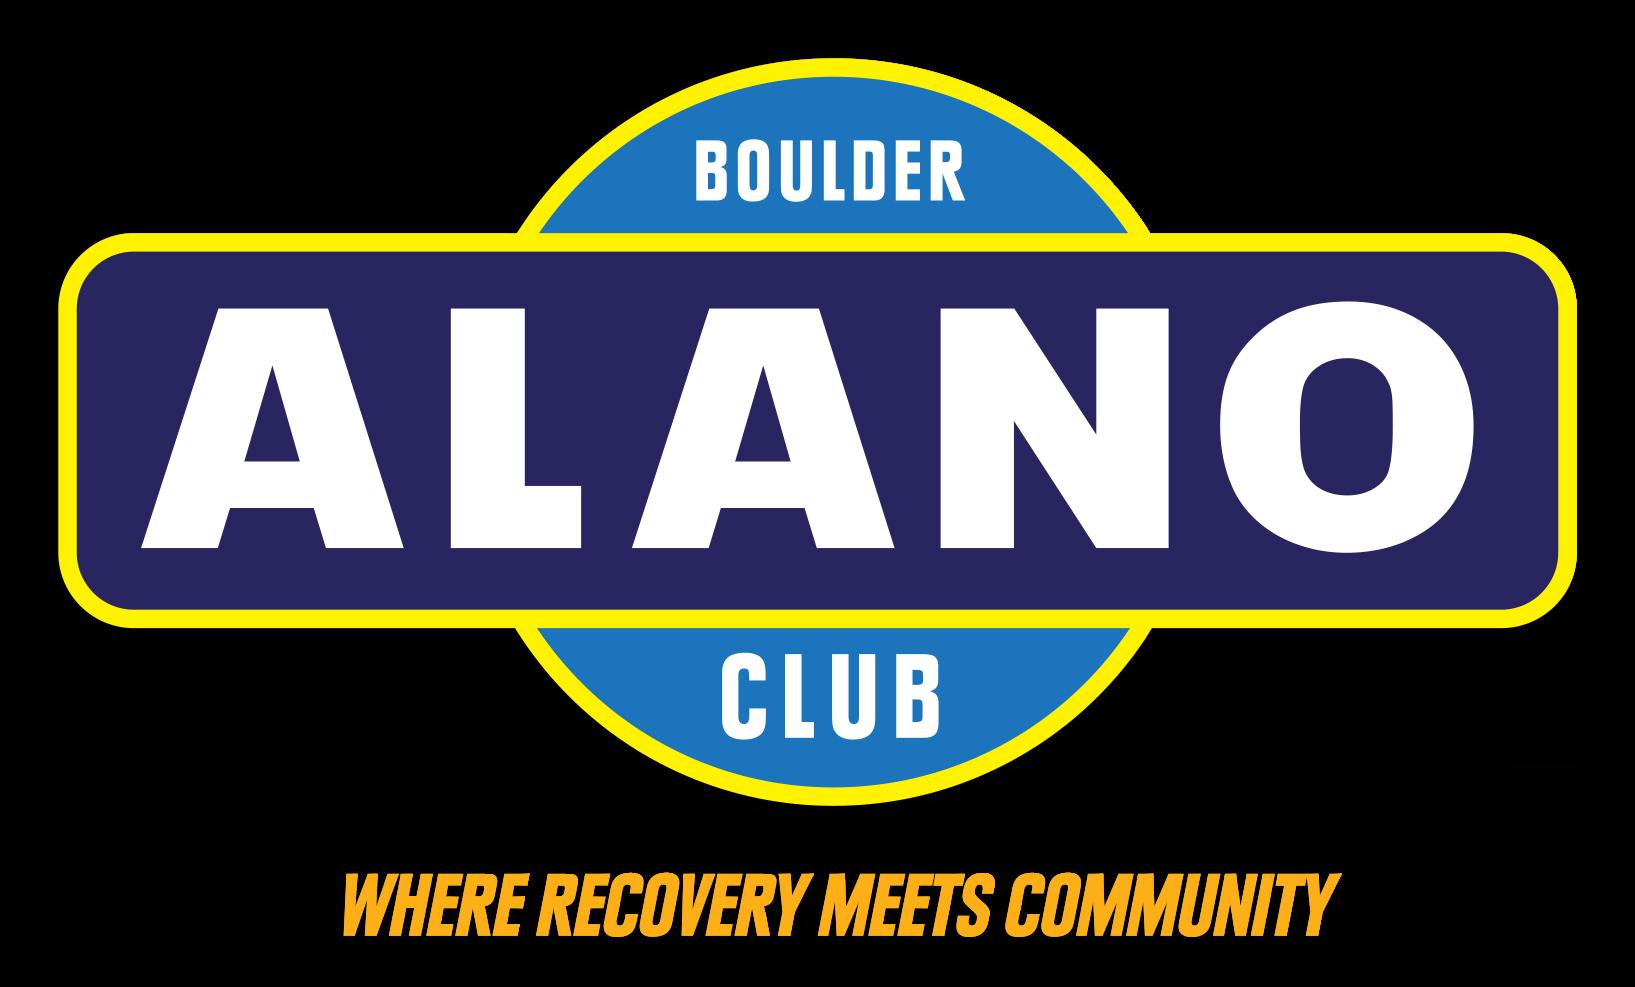 Boulder Alano Club